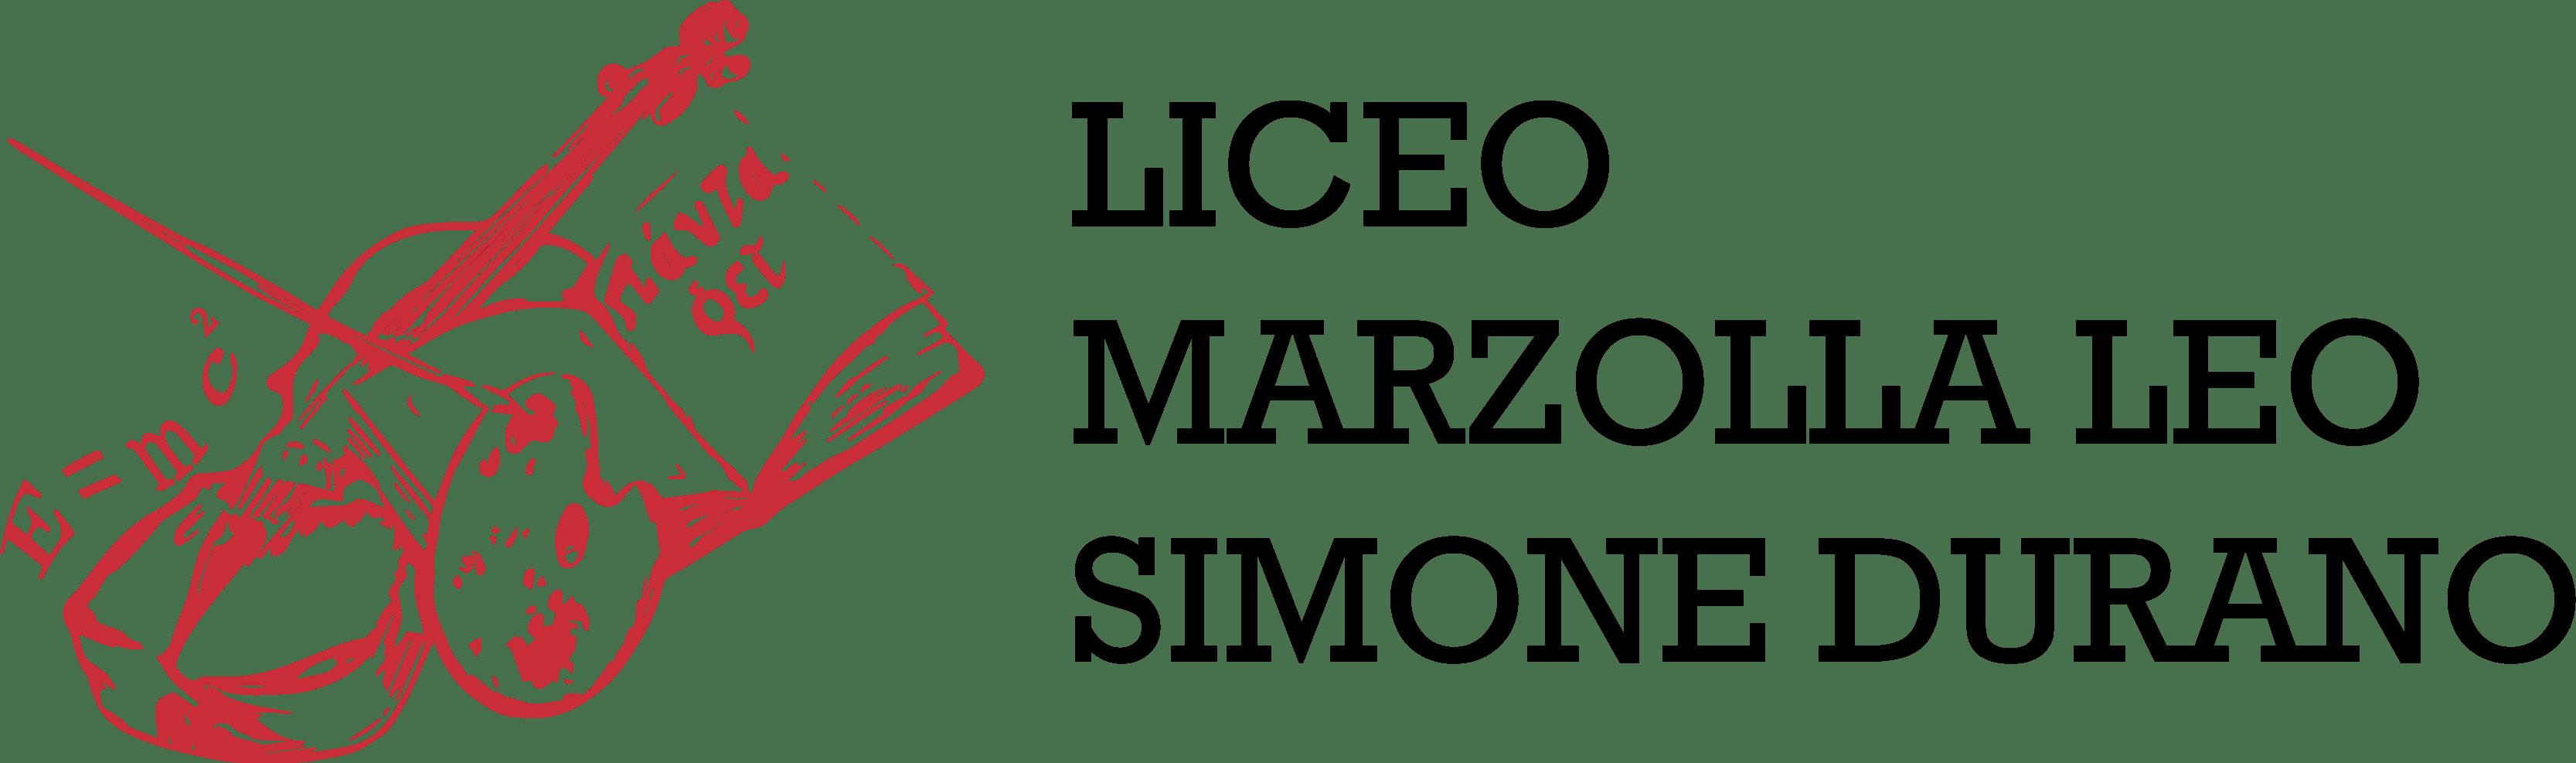 Liceo Marzolla Leo Simone Durano